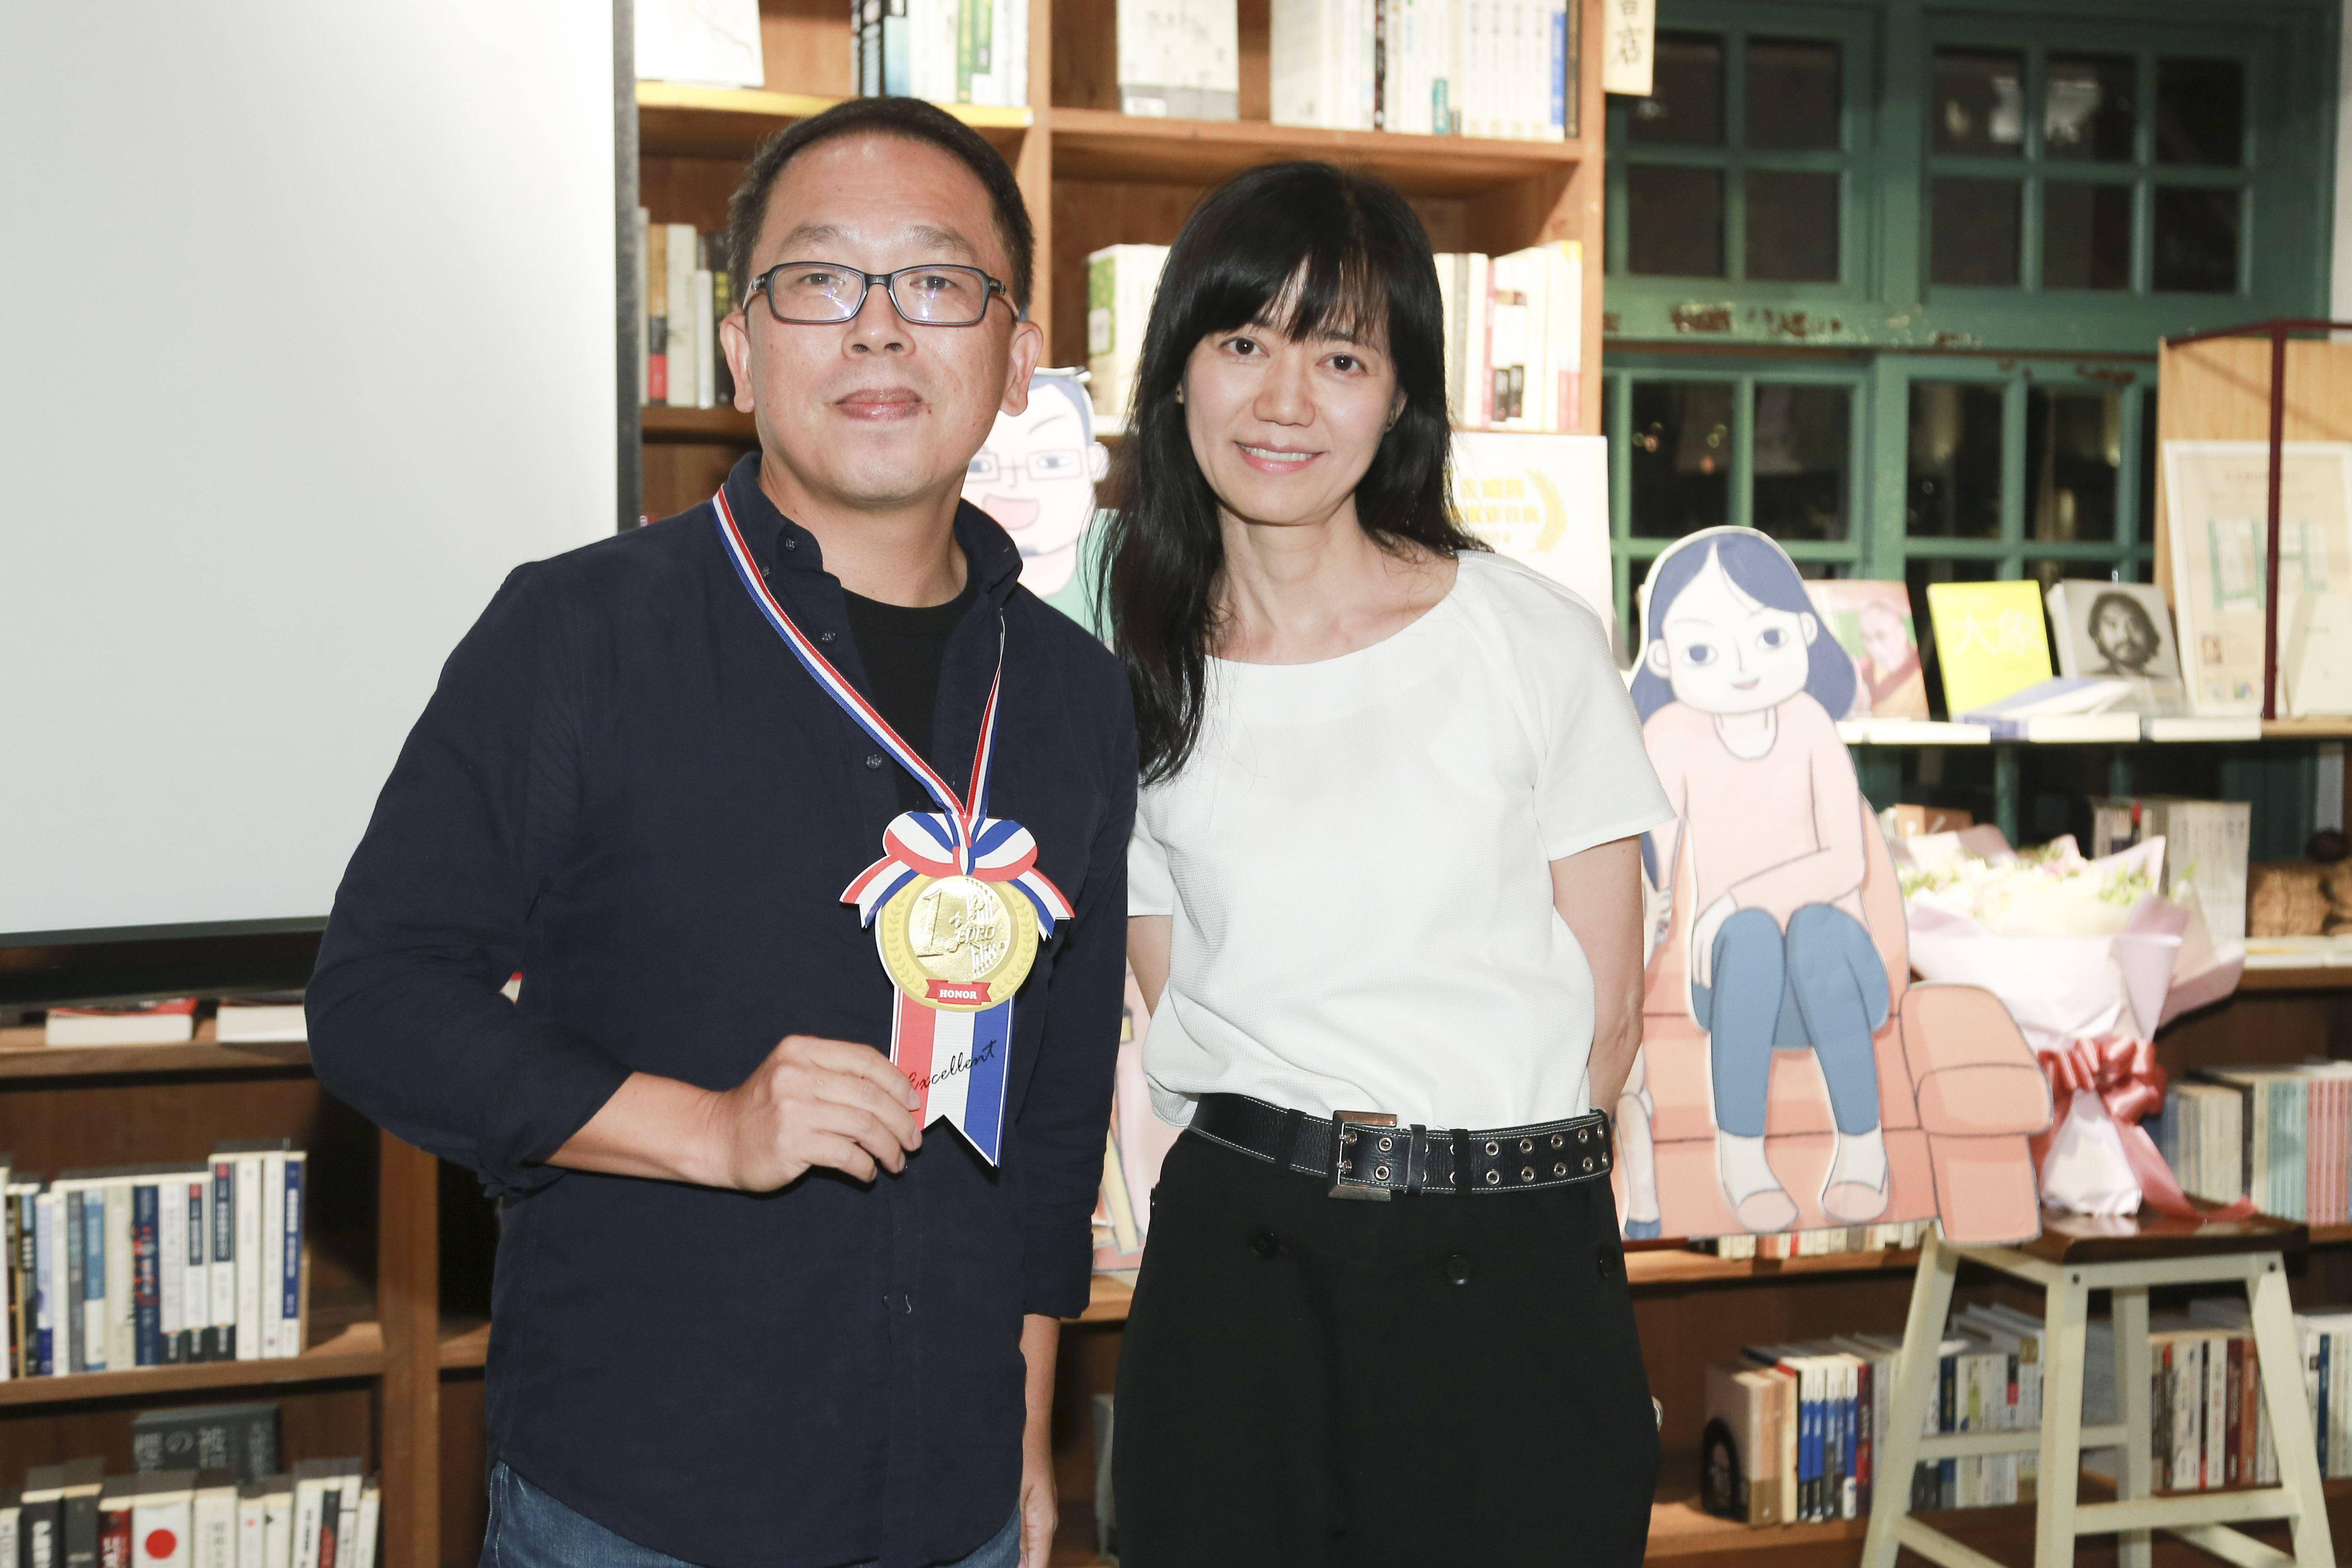 小兒子慶功宴夢田文創執行長蘇麗媚與小兒子導演史明輝。(圖/記者林士傑攝影)